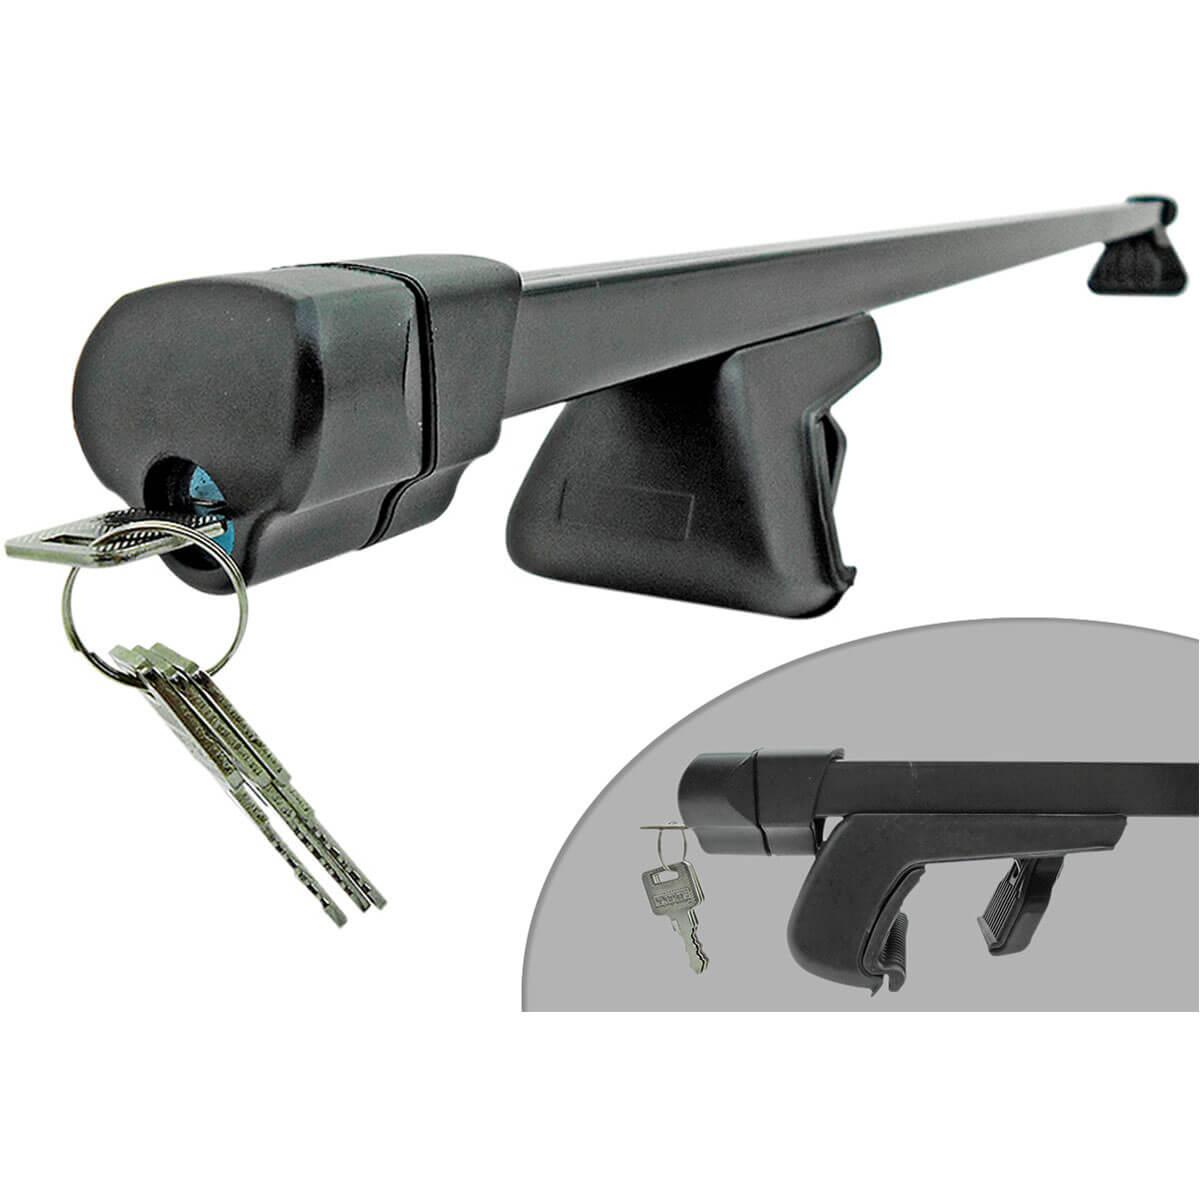 Travessa rack de teto preta com chave IX35 2011 a 2017